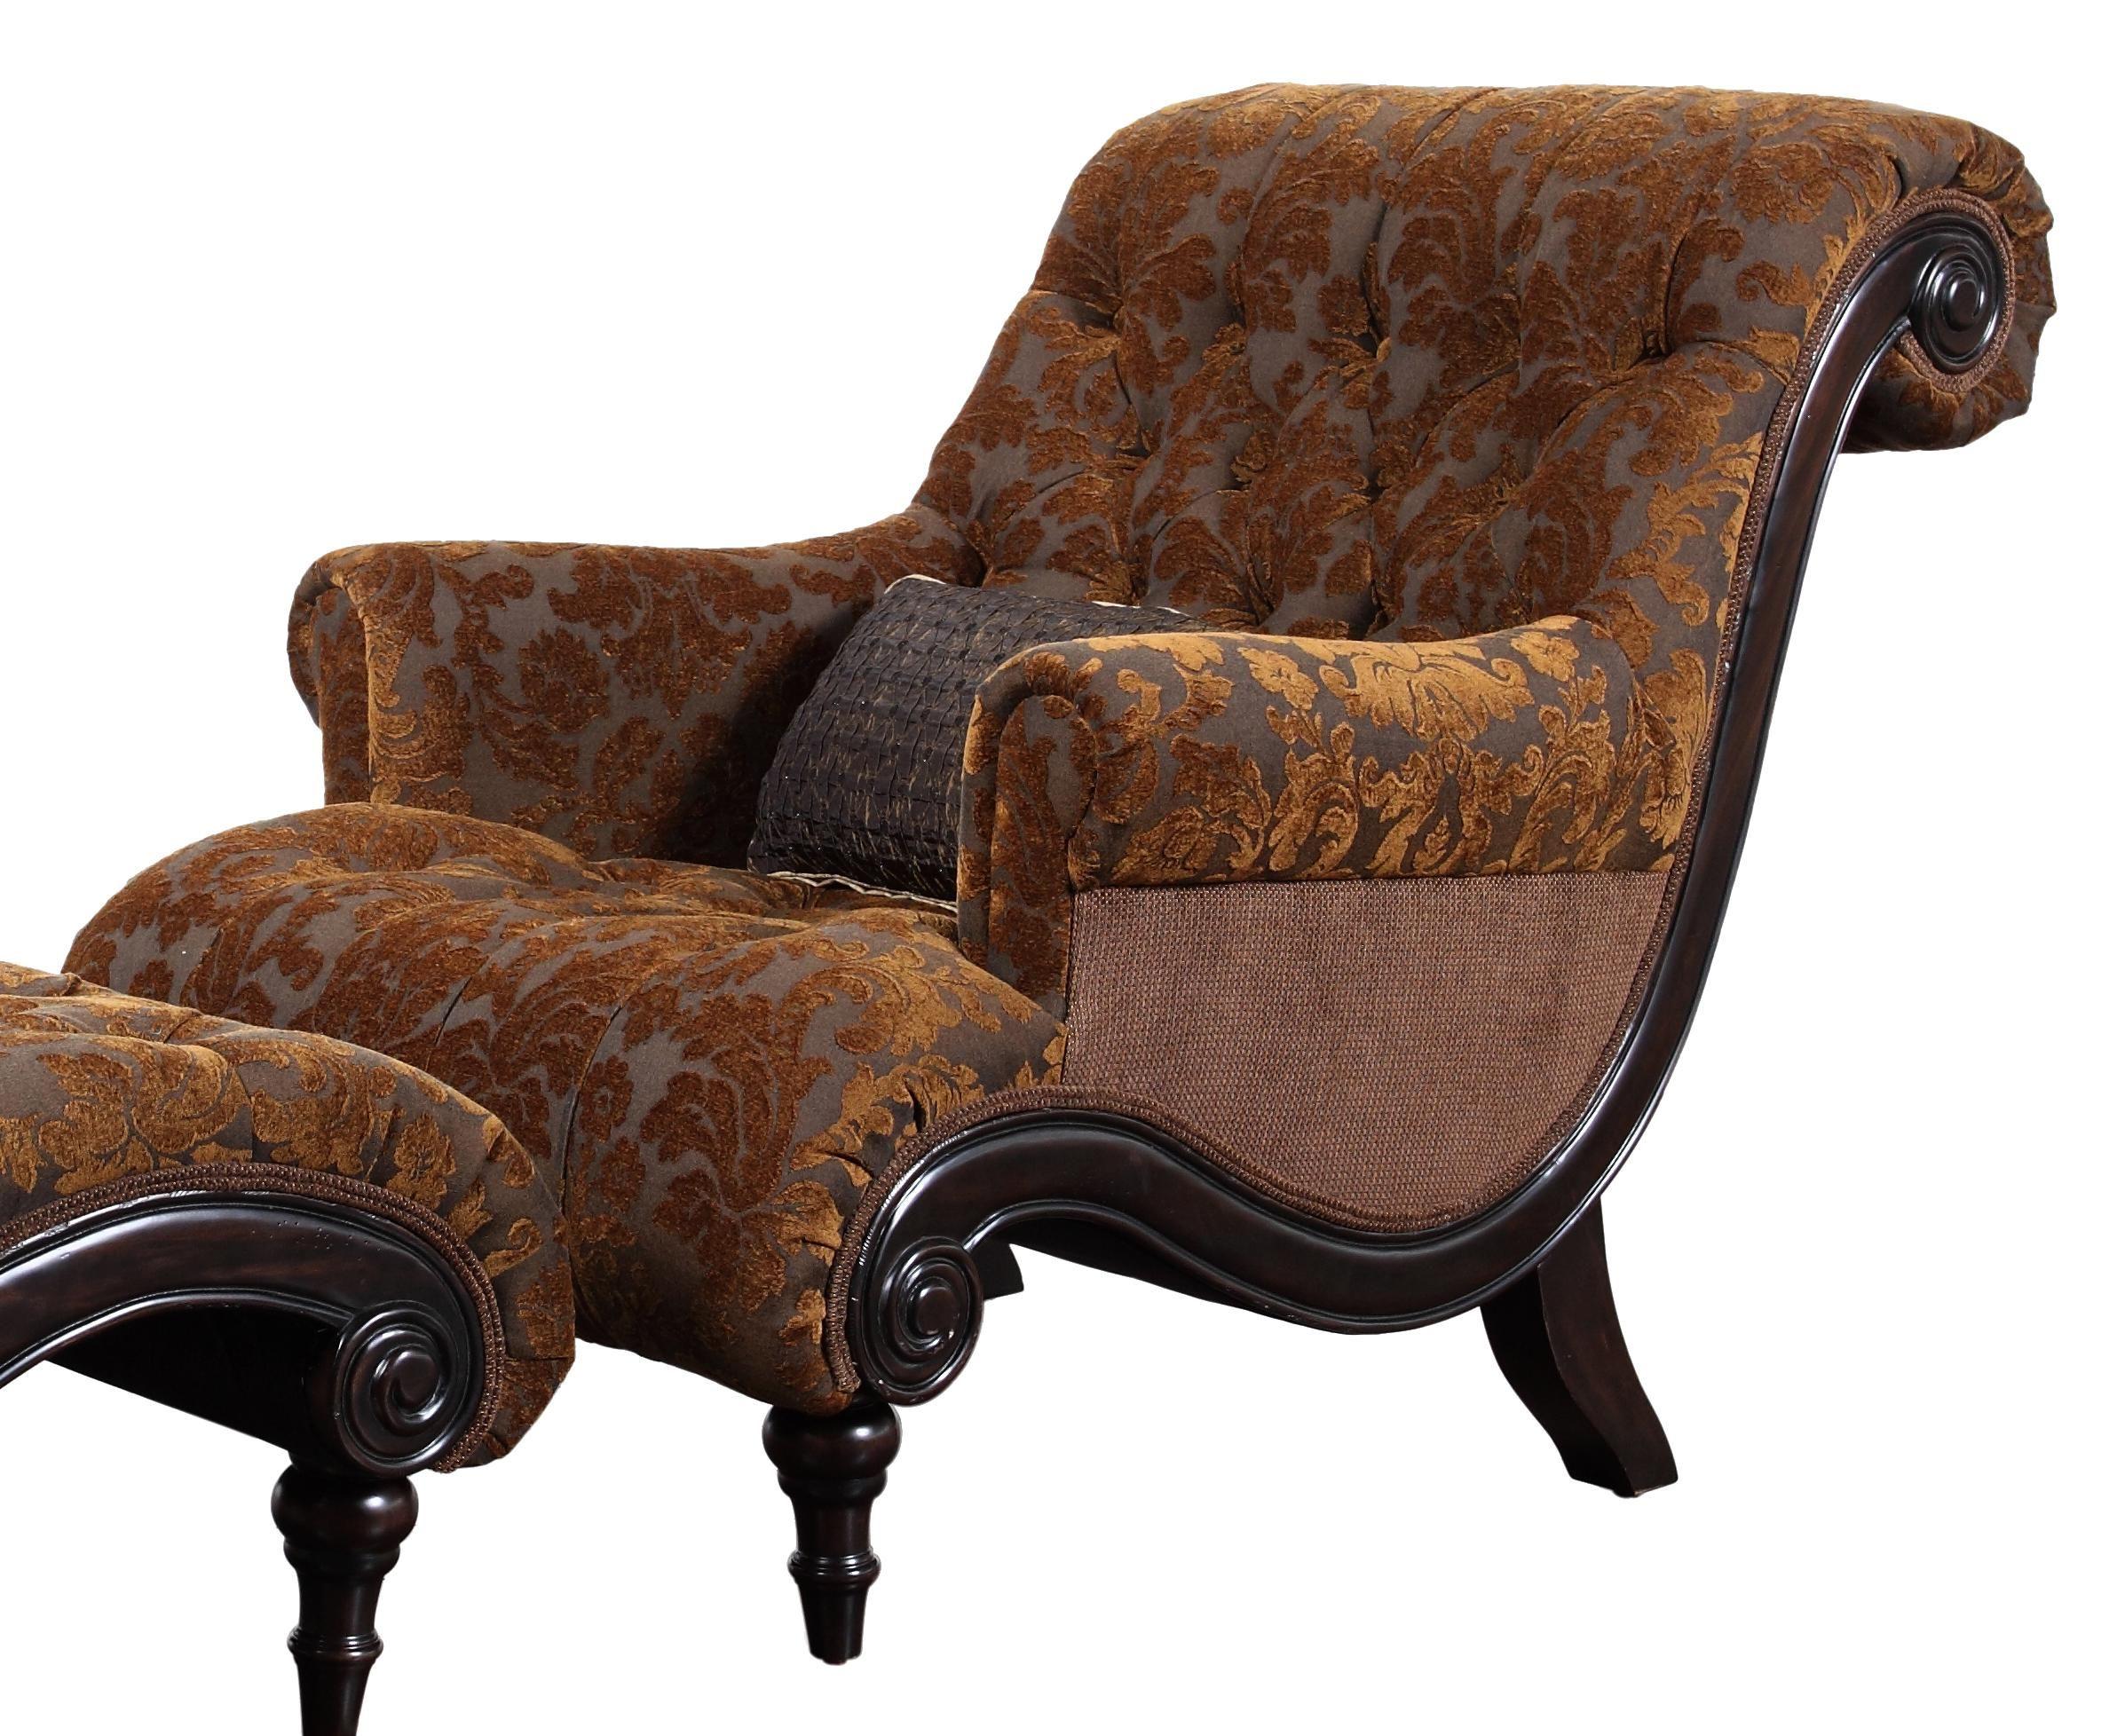 Agnes Agnes Chair By Rachlin Classics